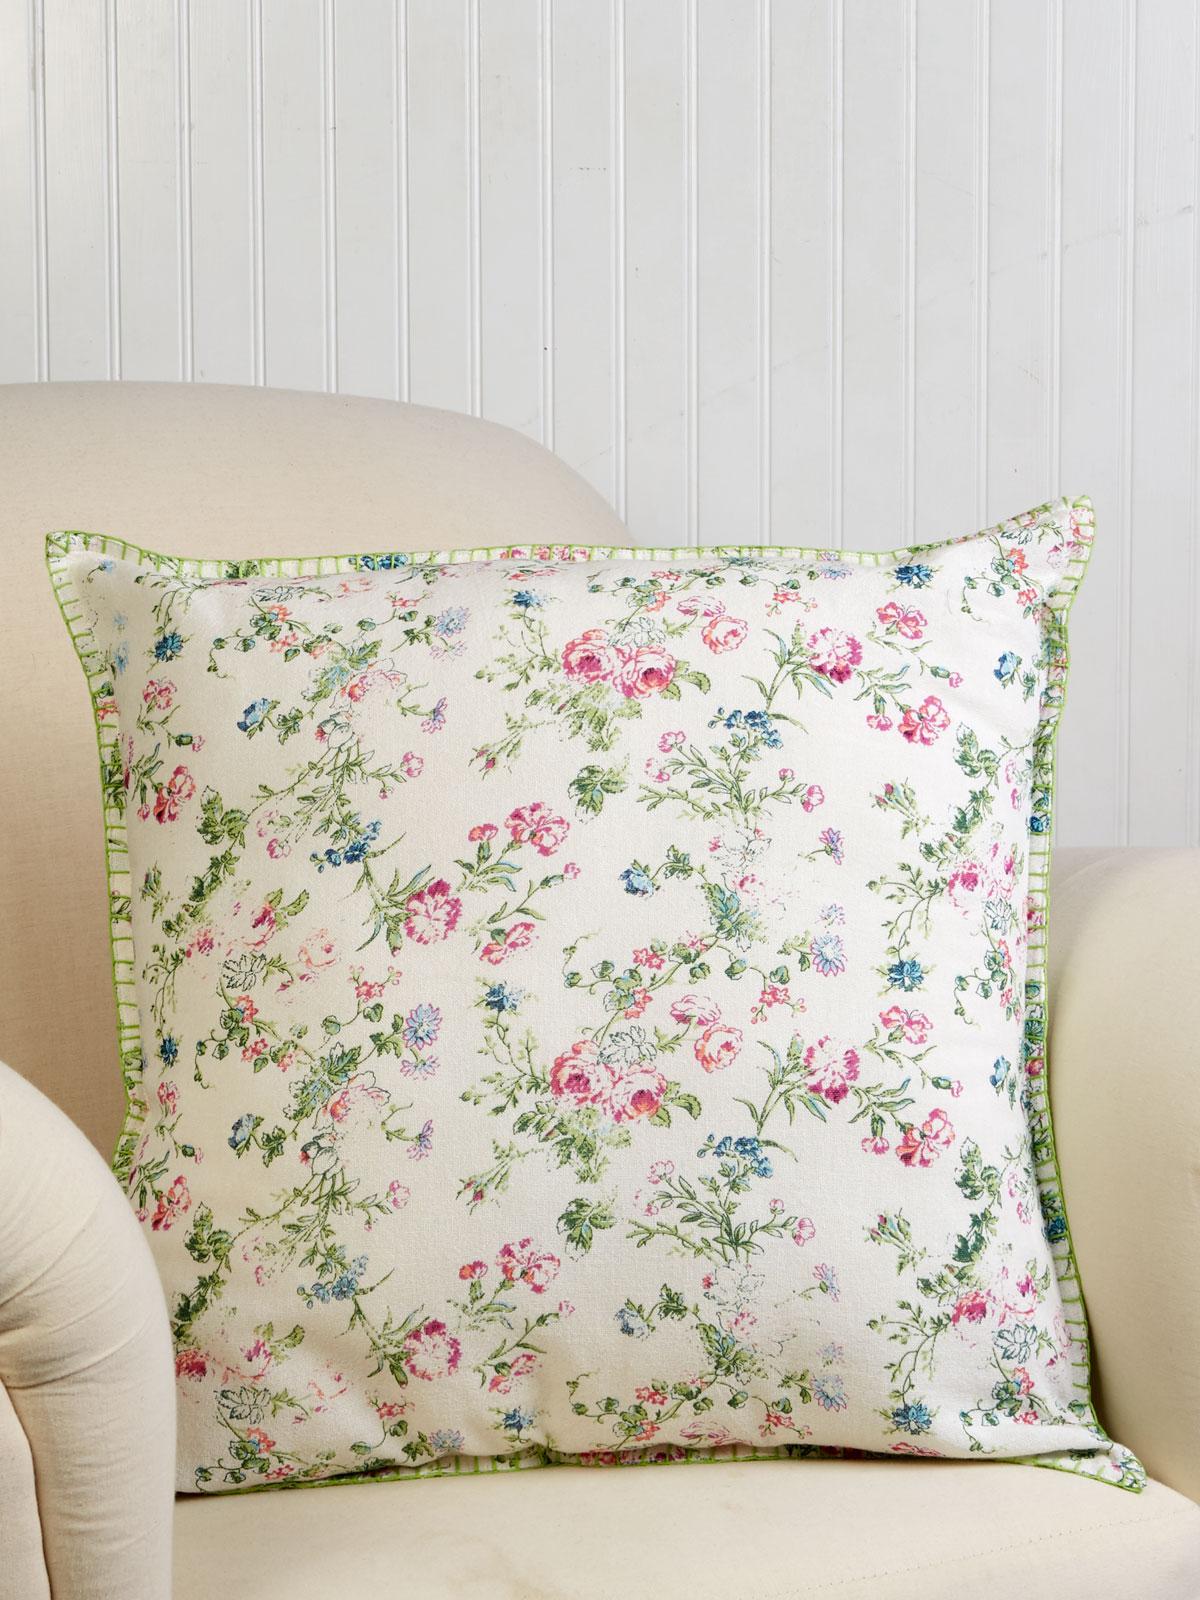 Annalouise Cushion Cover